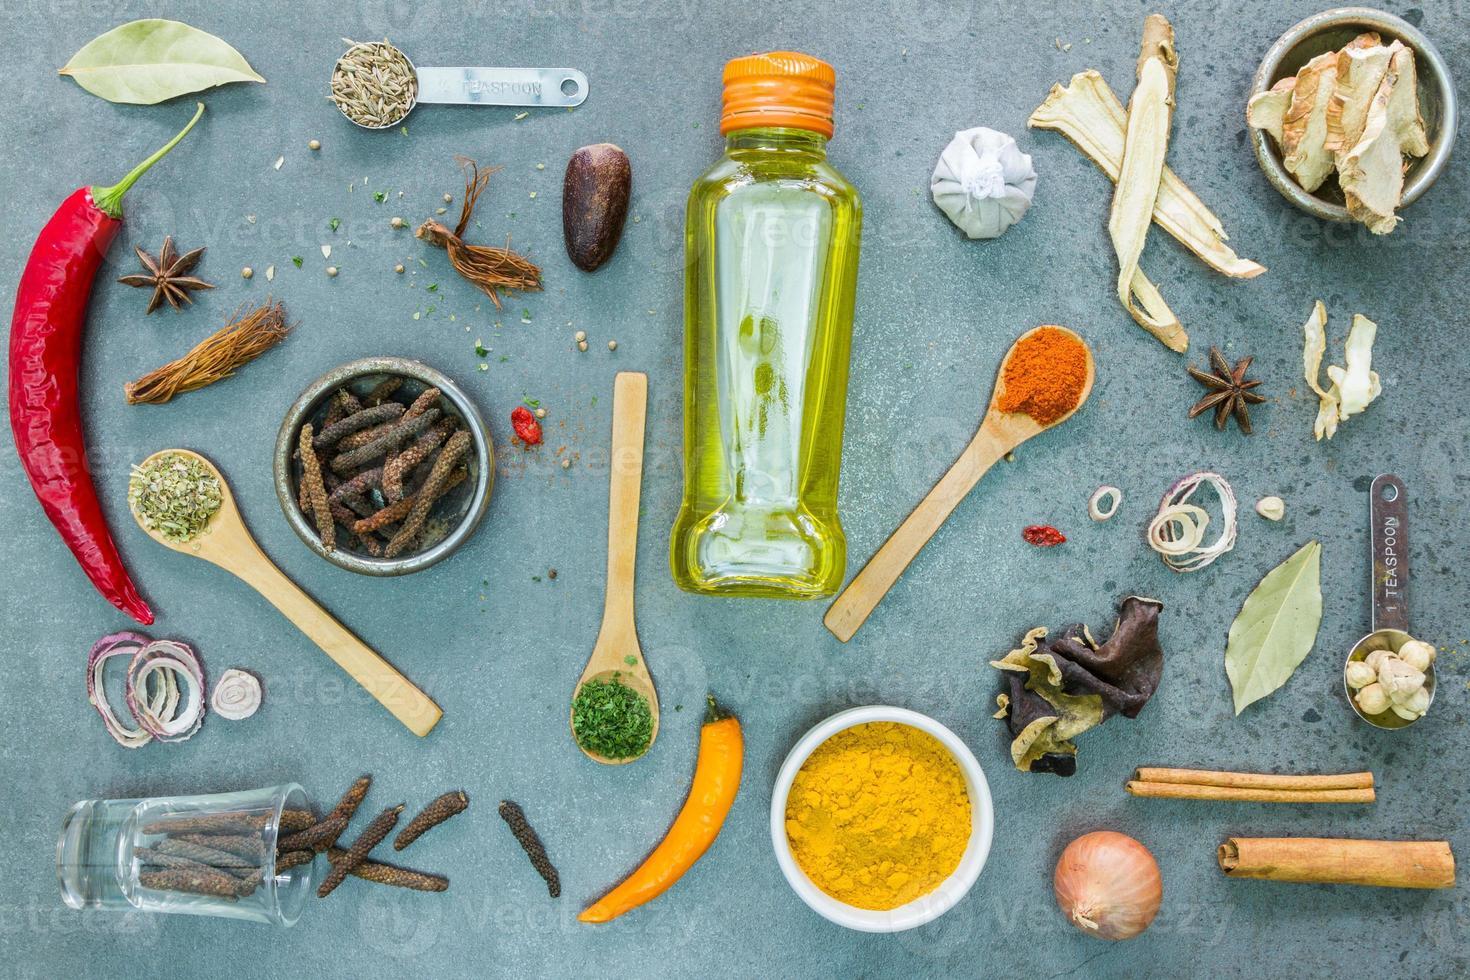 spezie ed erbe aromatiche in ciotole di metallo. foto